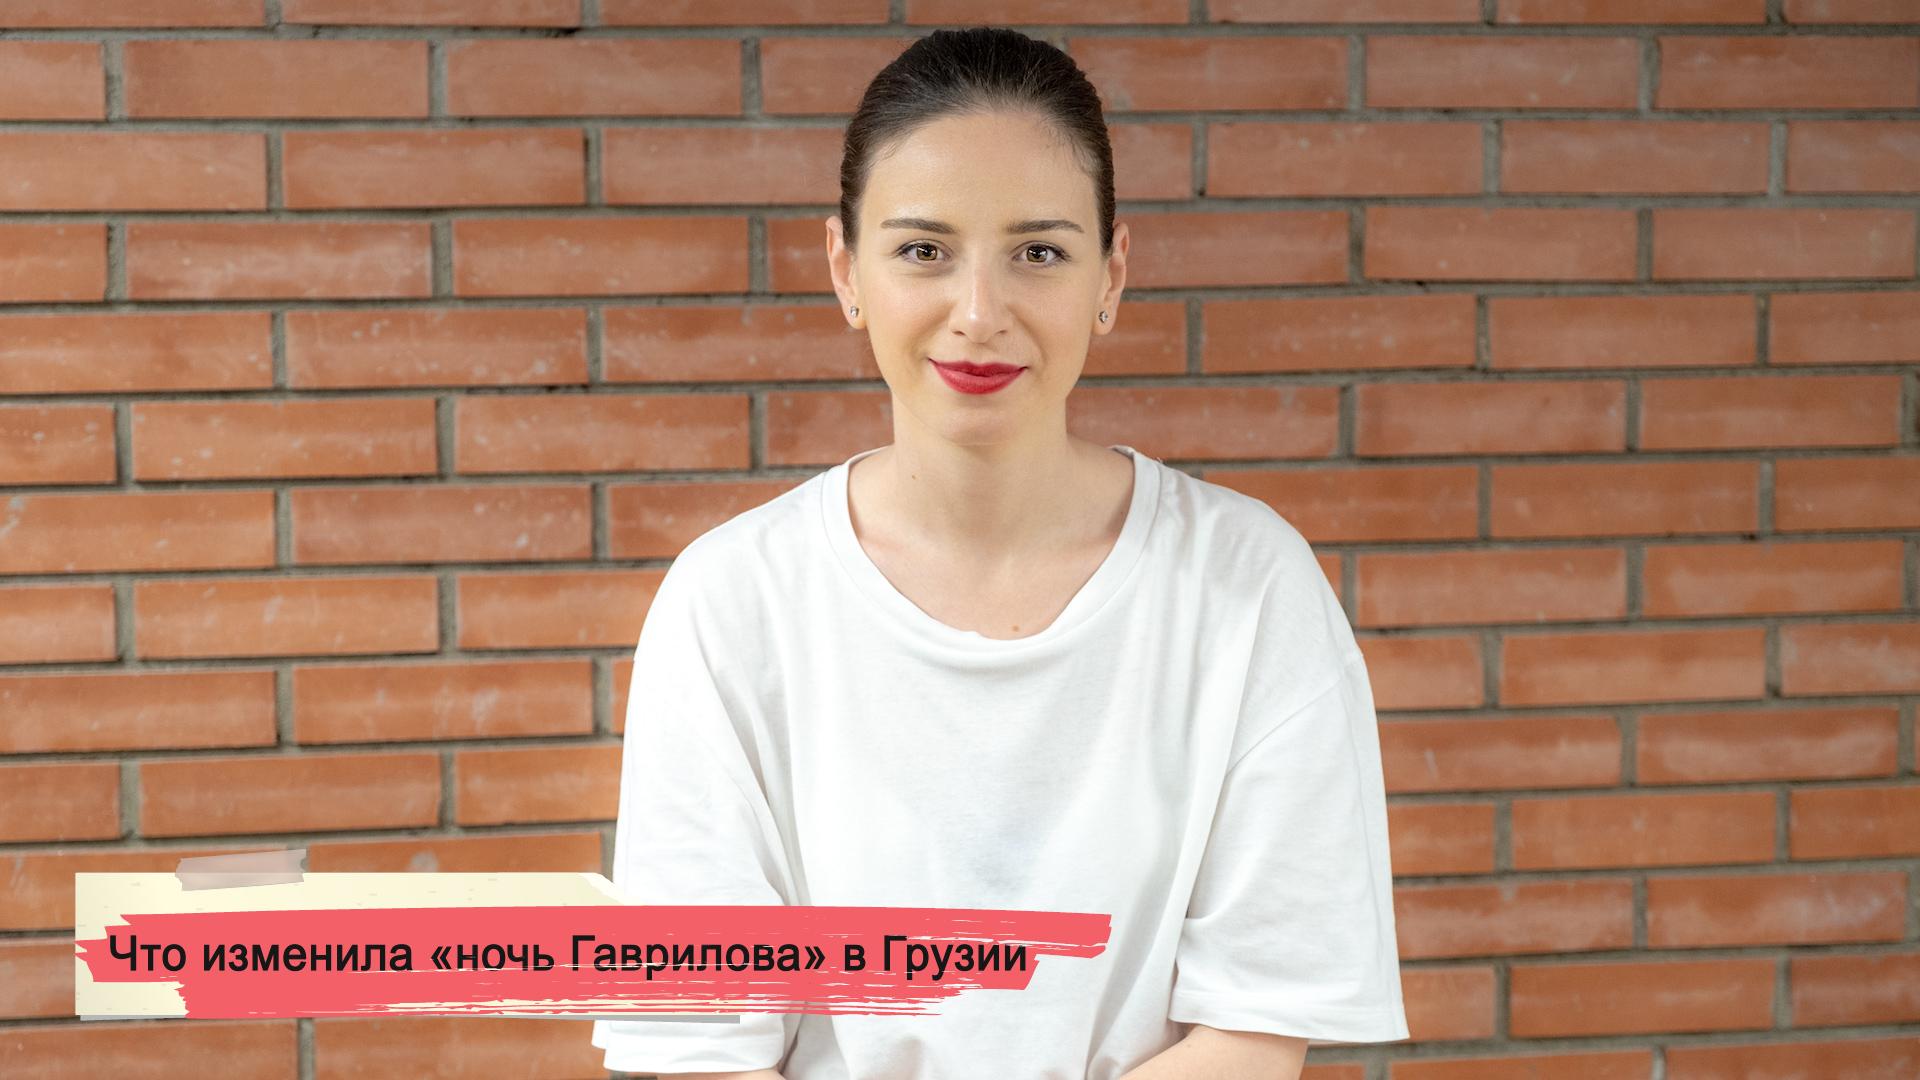 Ночь Гаврилова